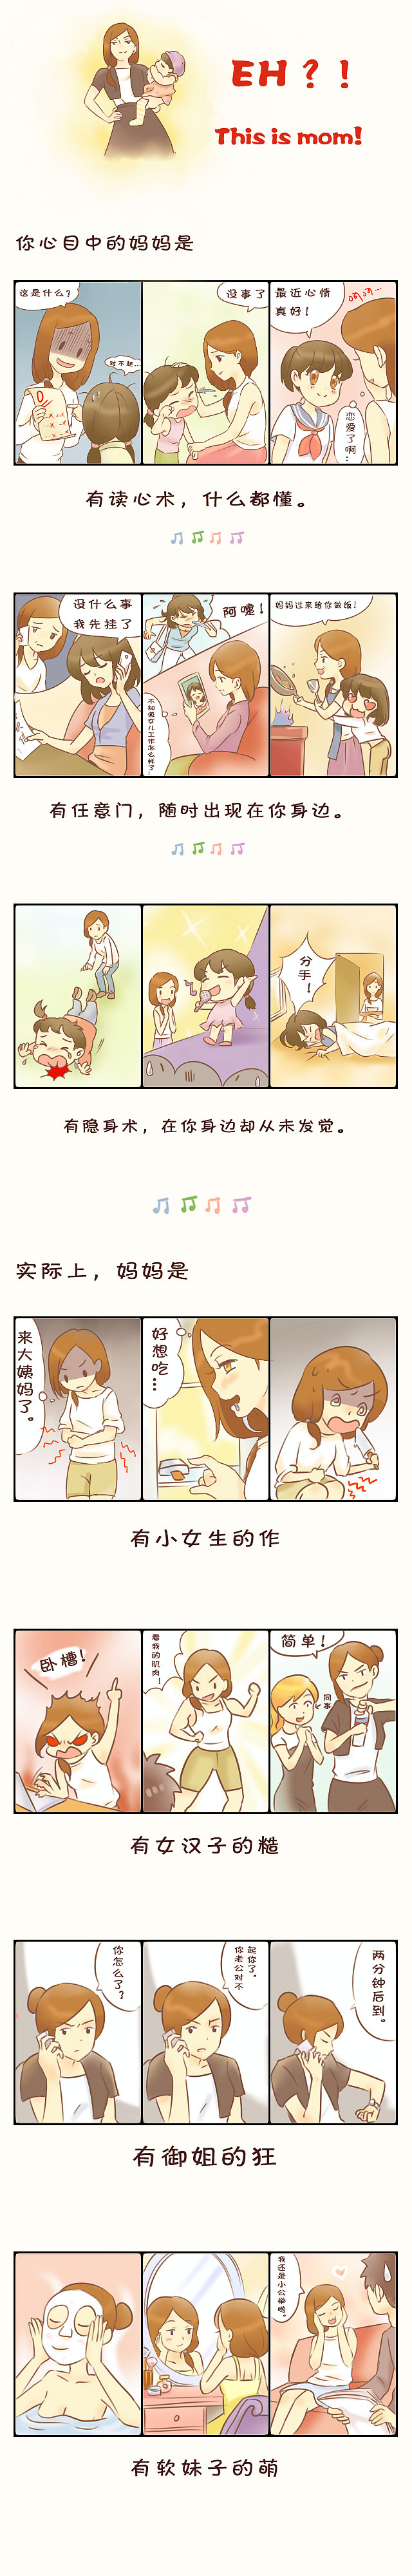 母亲节长篇漫画 短篇/四格漫画 动漫 王缇